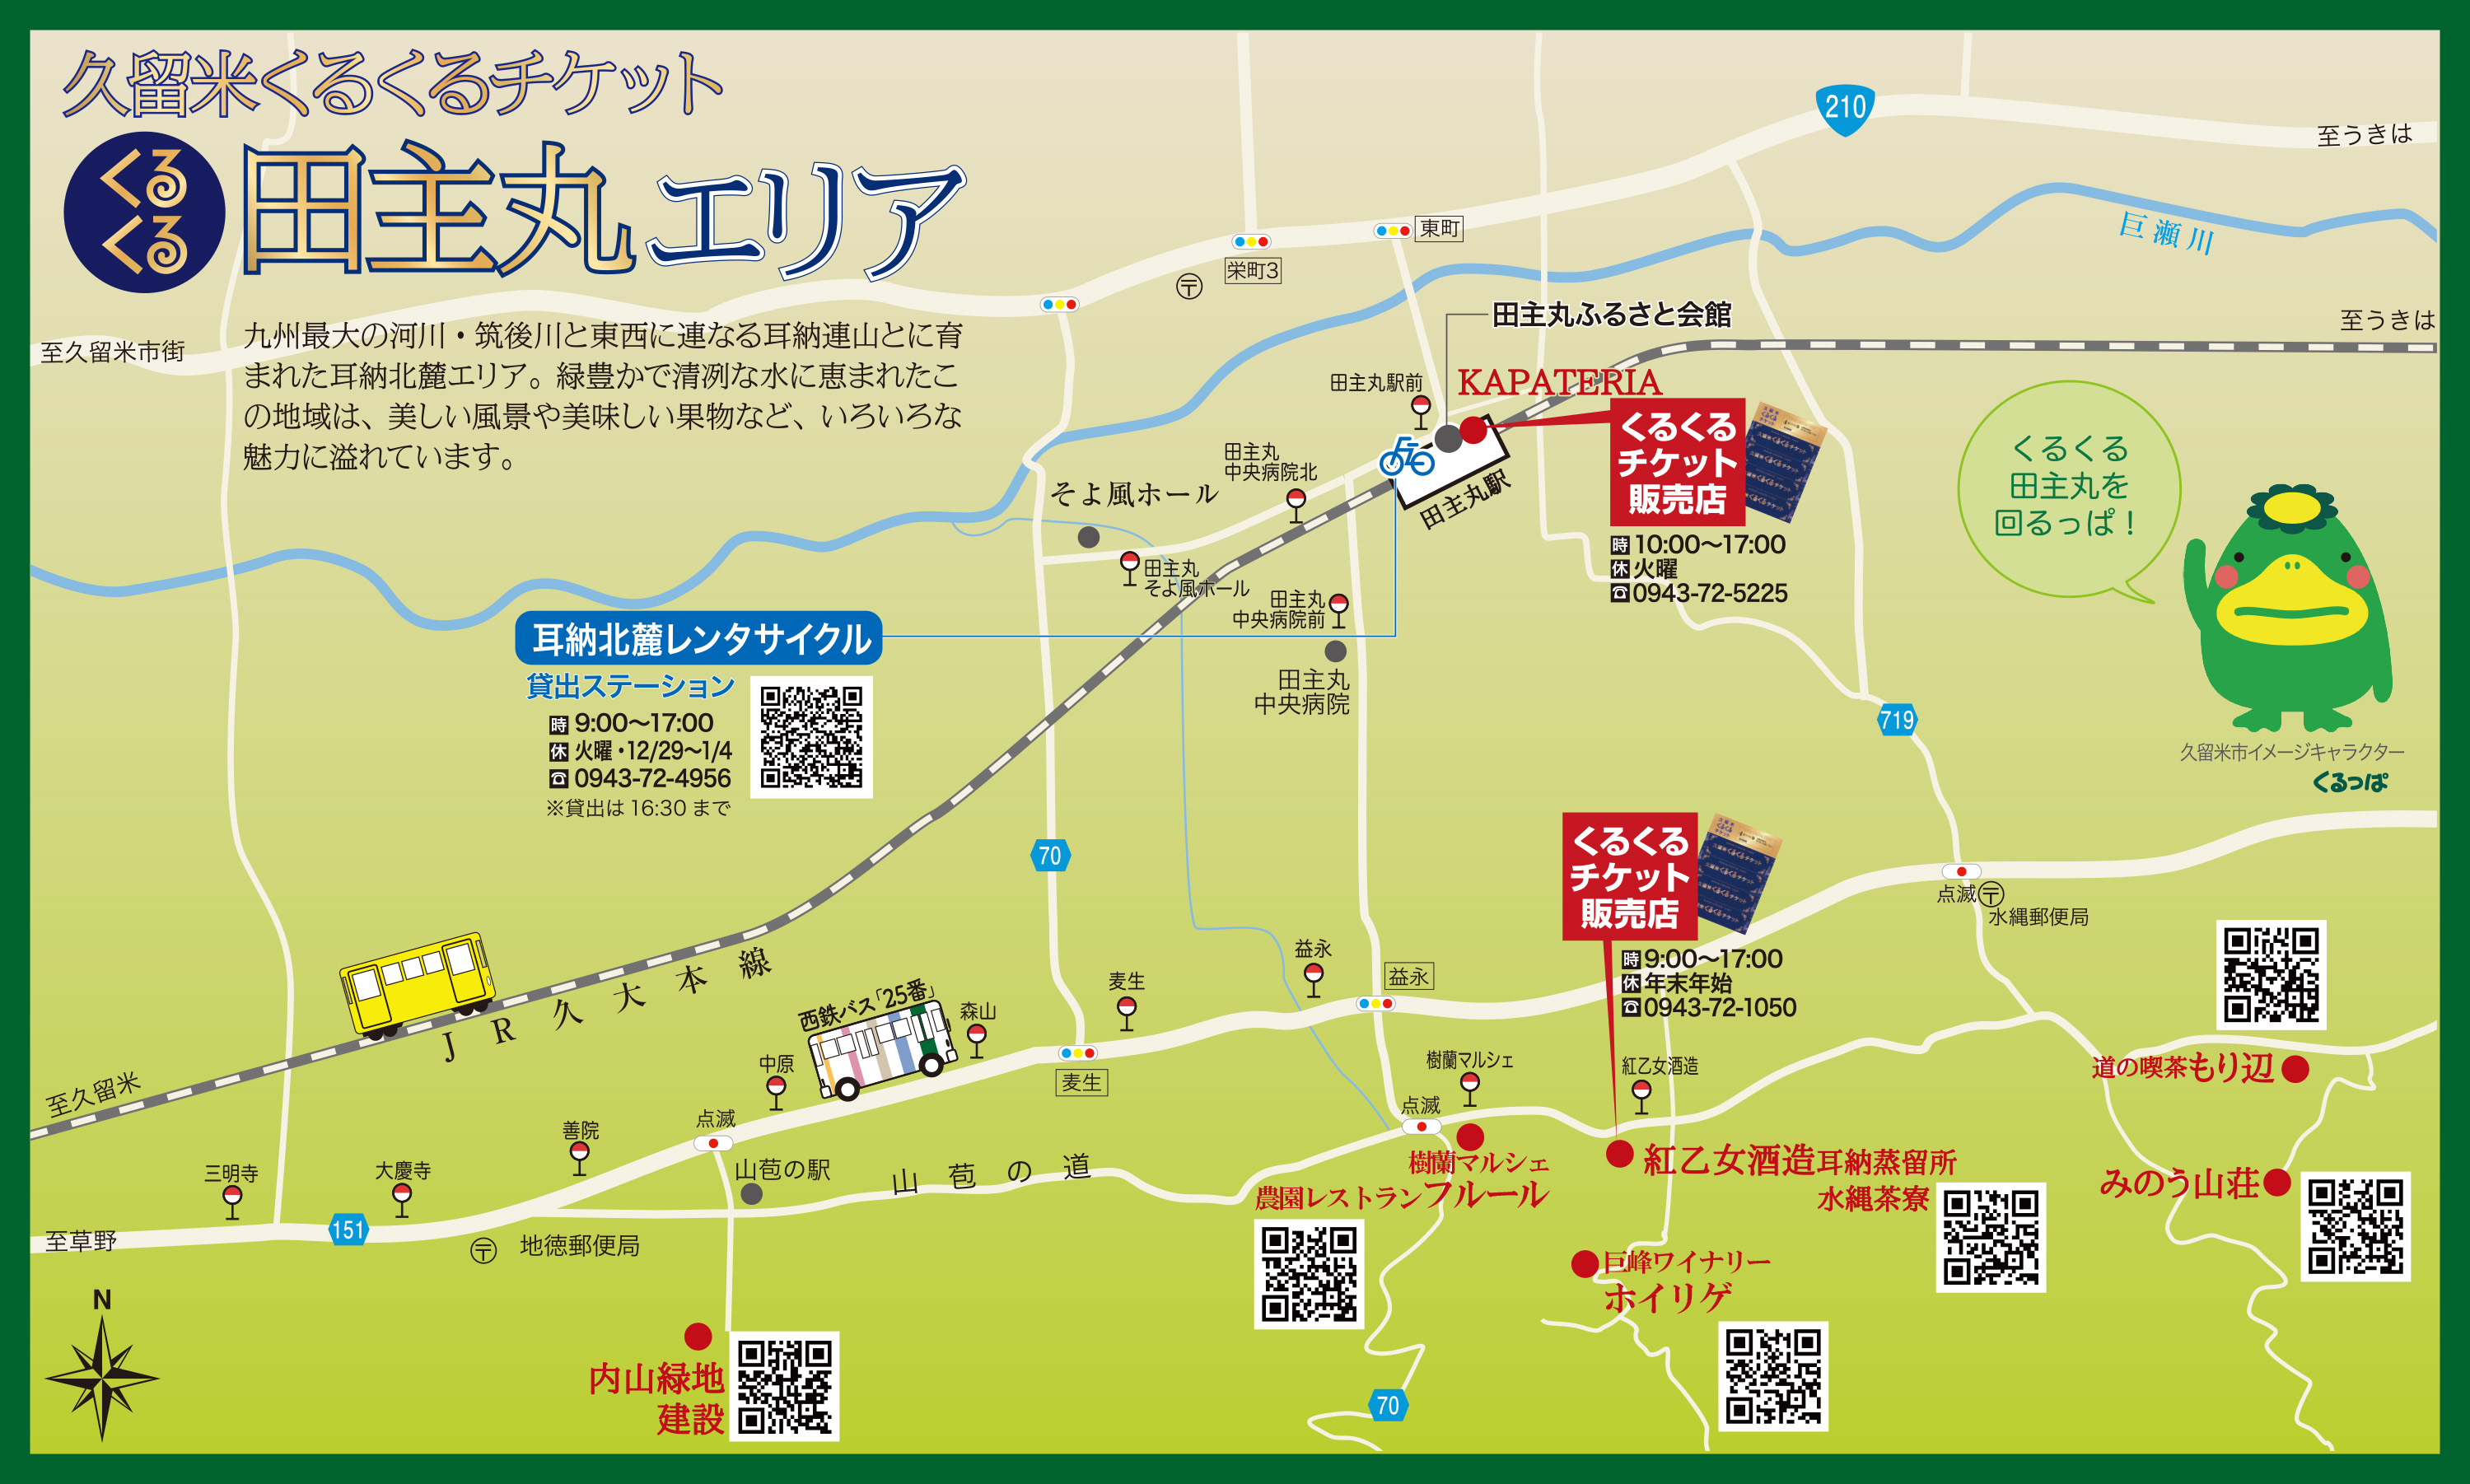 田主丸シティプラザ周辺マップ